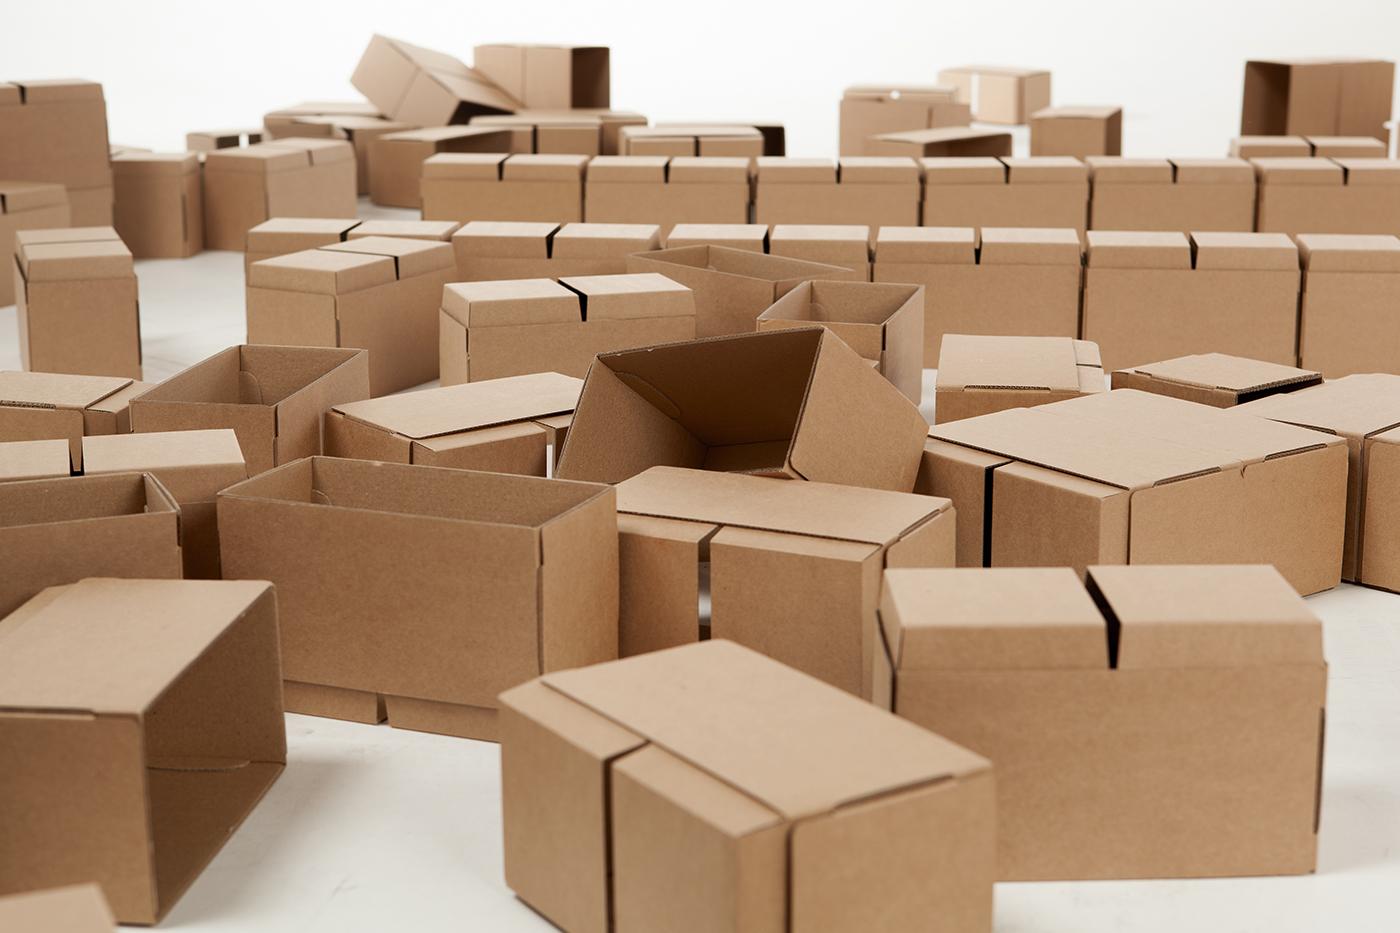 GIGI cardboard building bloks 6 erlands design erlandscom copy.jpg